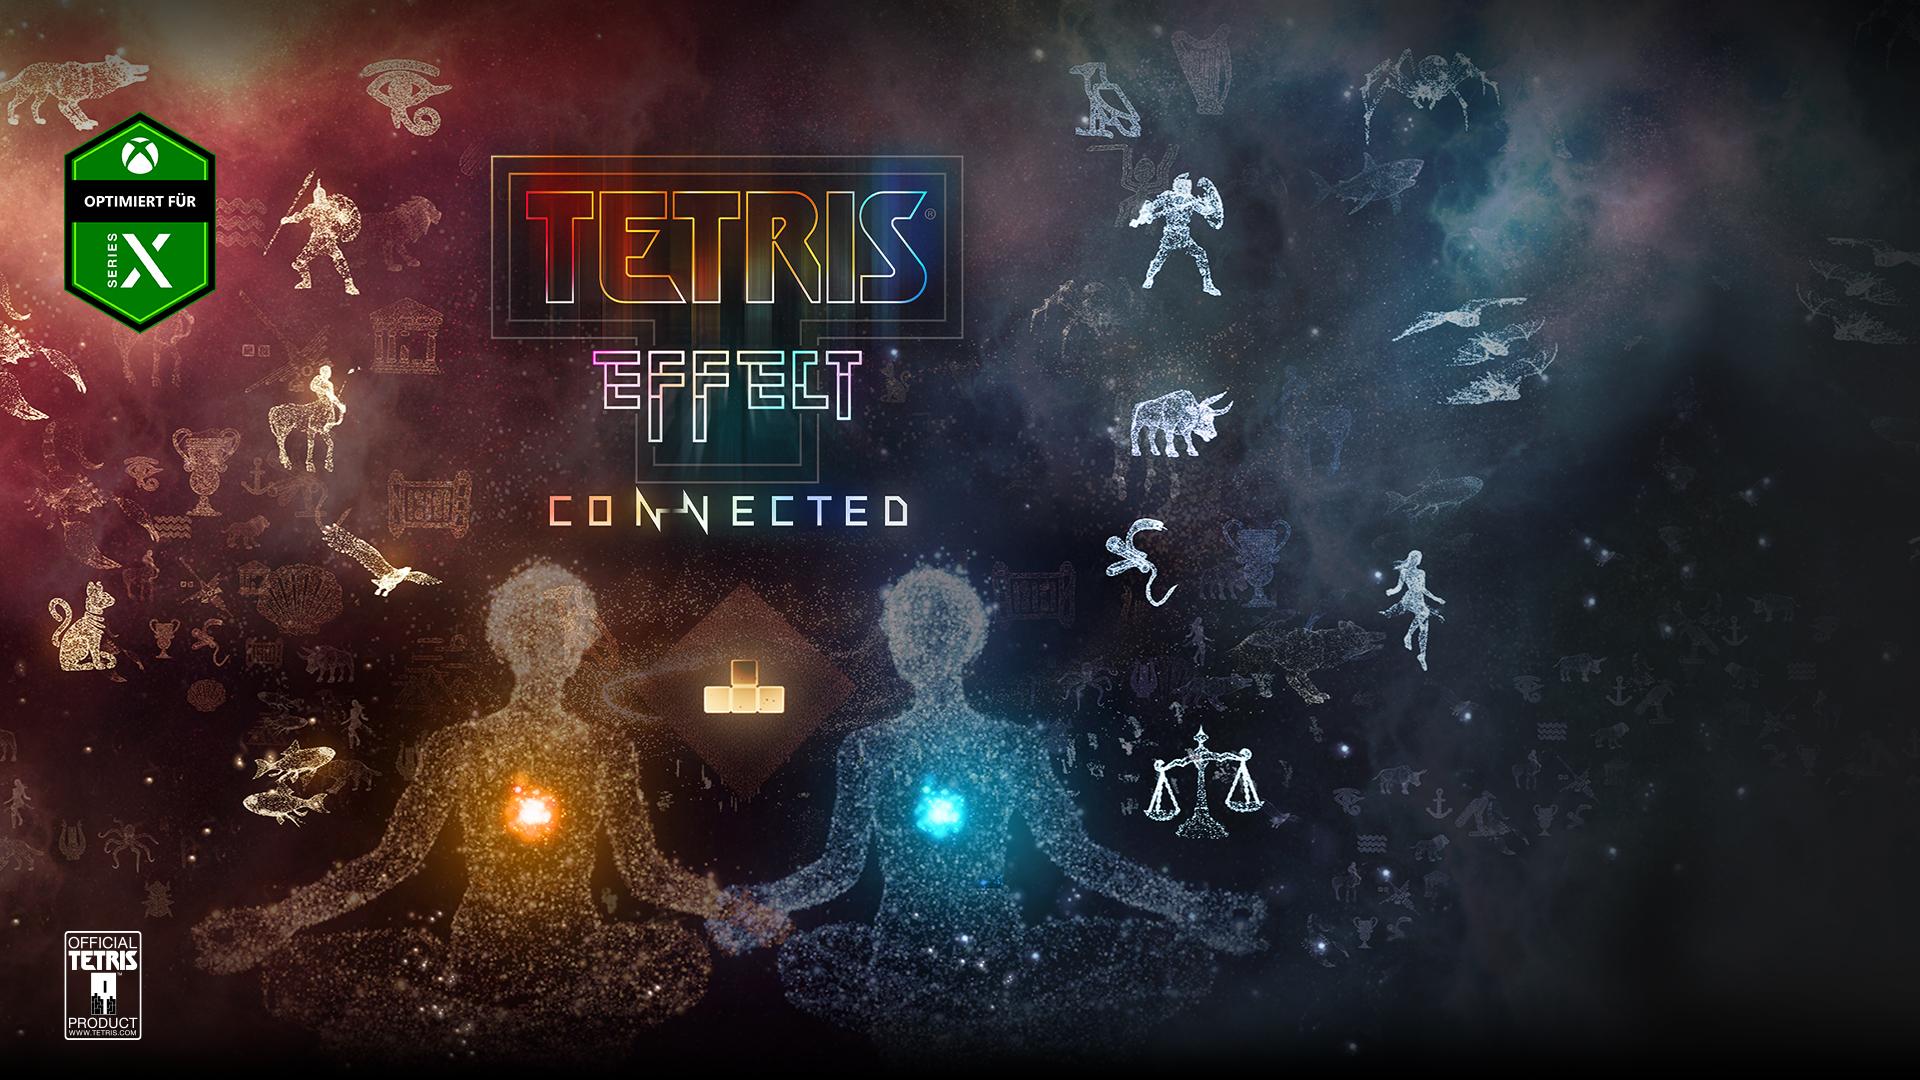 Optimiert für Series X, Tetris Effect Connected, Offizielles Tetris-Produkt, eine riesige Ansammlung von Sternen, die so angeordnet sind, dass sie Tiere und Menschen bilden.